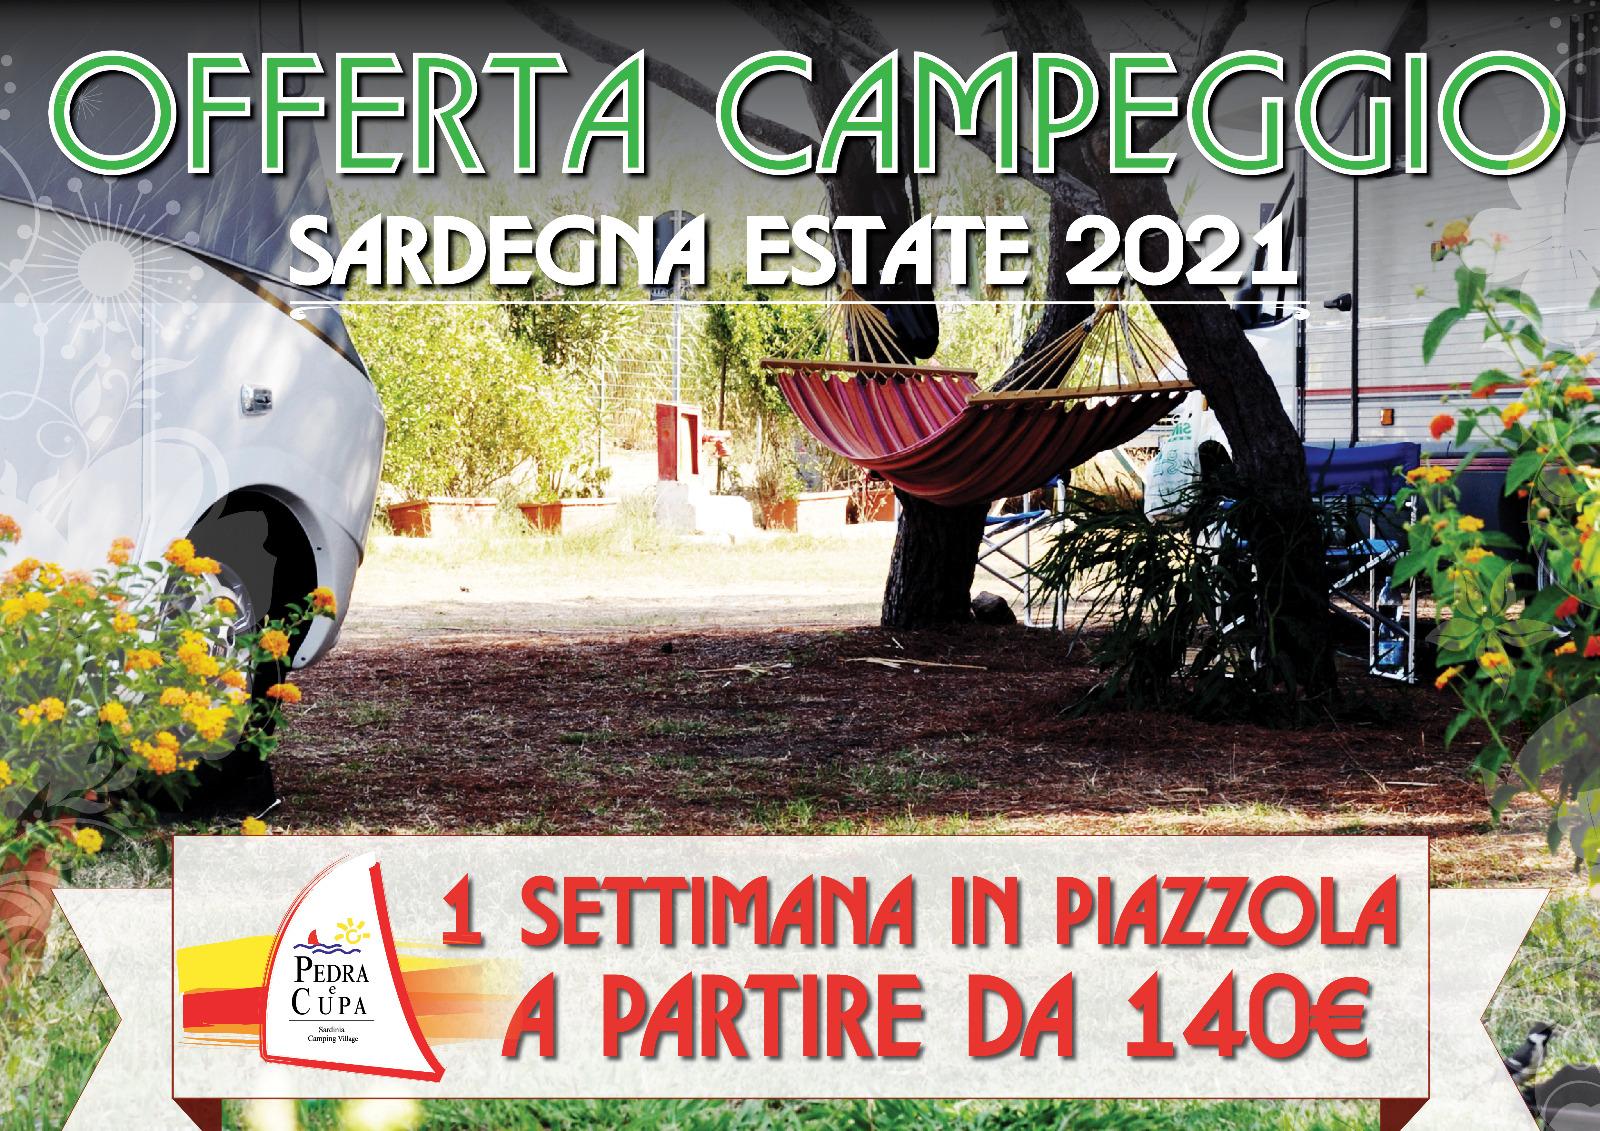 Offerta Campeggio Summer 2021